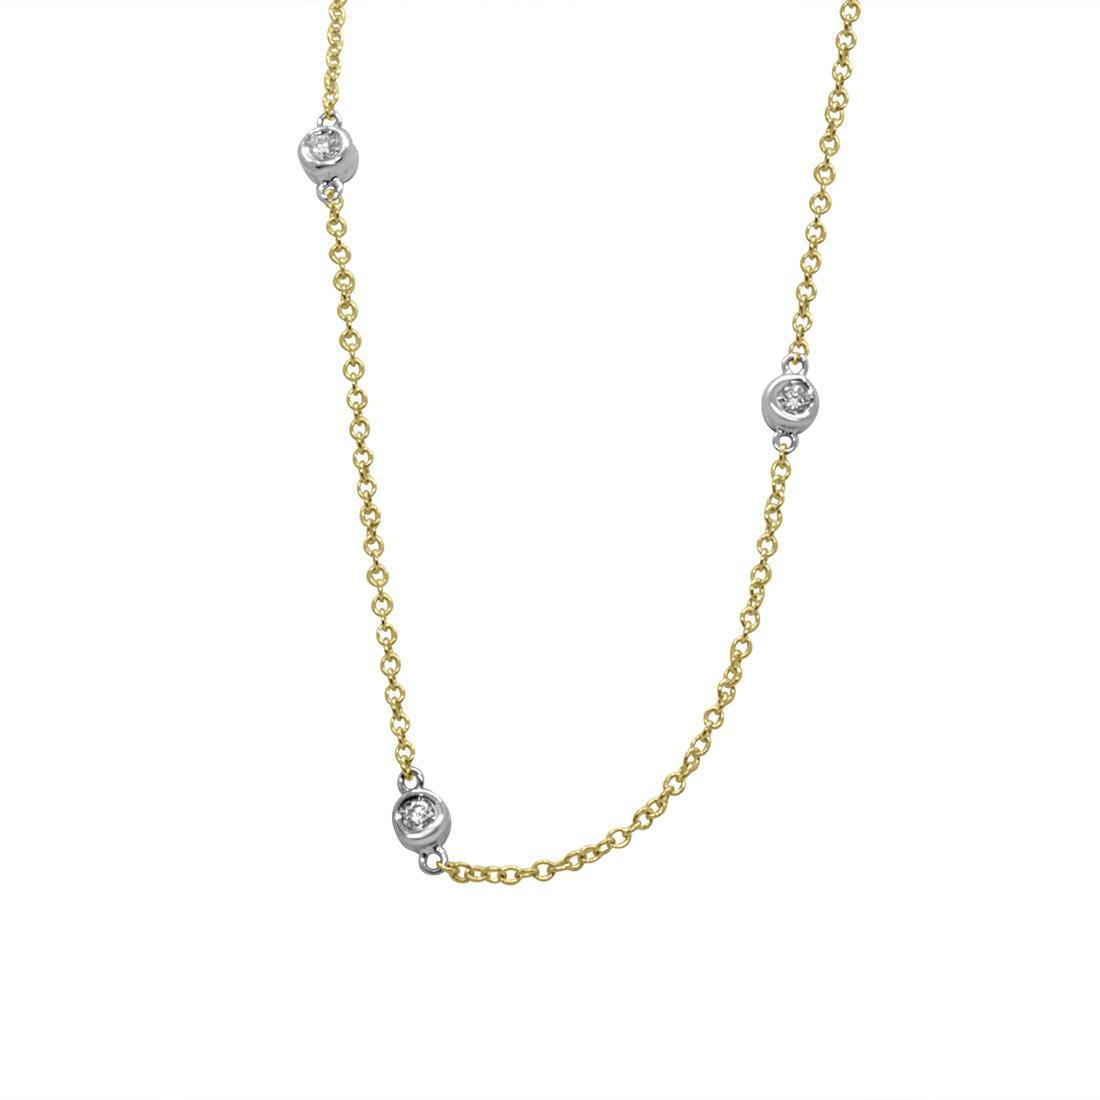 Collier in oro giallo con diamanti 0,50 ct - ORO&CO